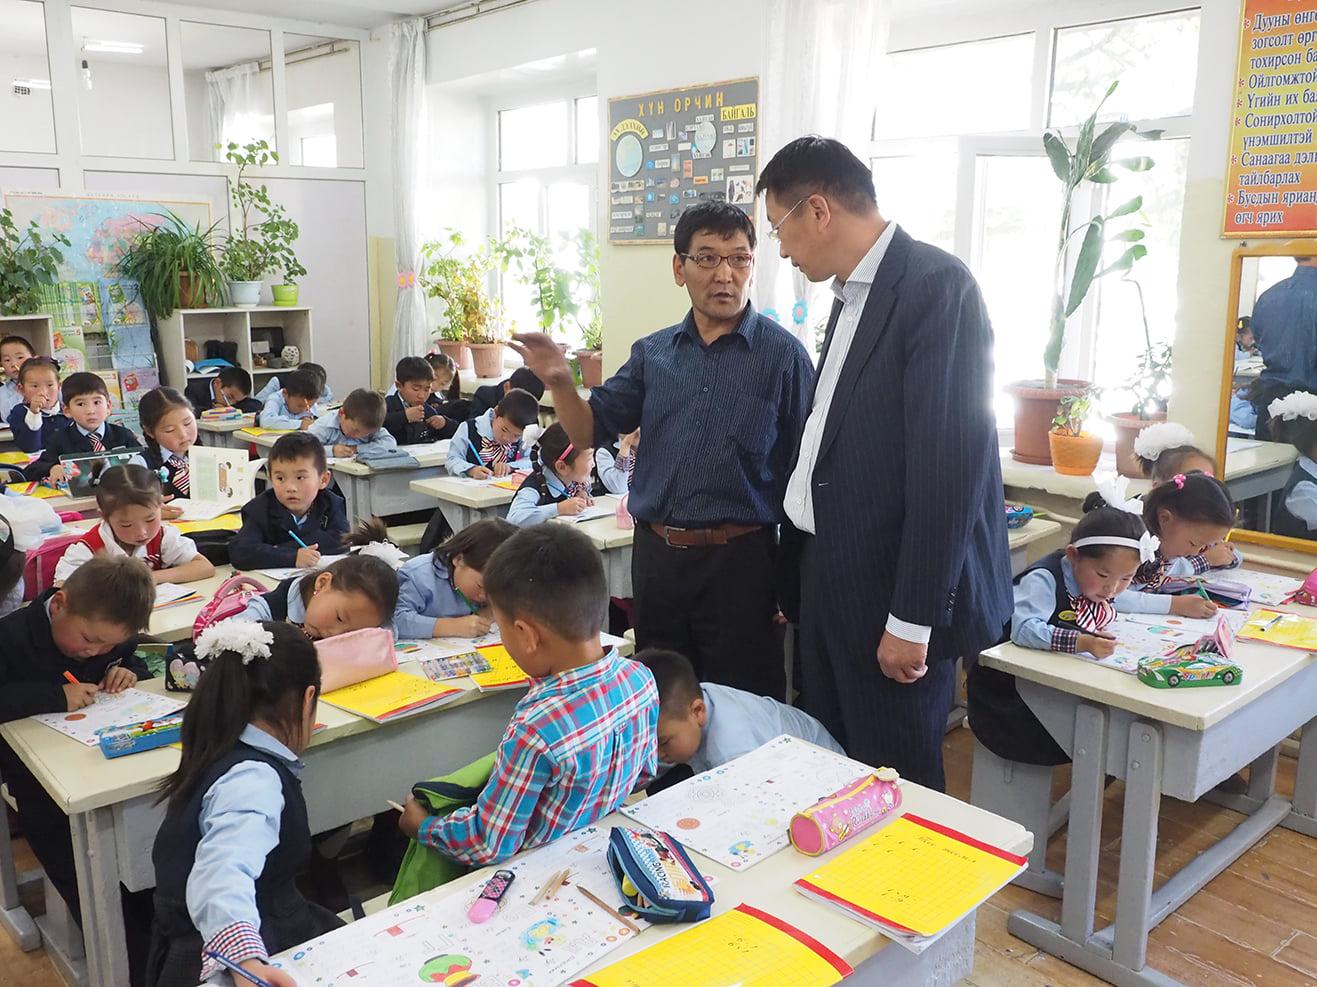 Хөвсгөл аймгийн 32 сургууль, орчин үеийн шийдэл бүхий тохилог багш хөгжлийн өрөөтэй болно